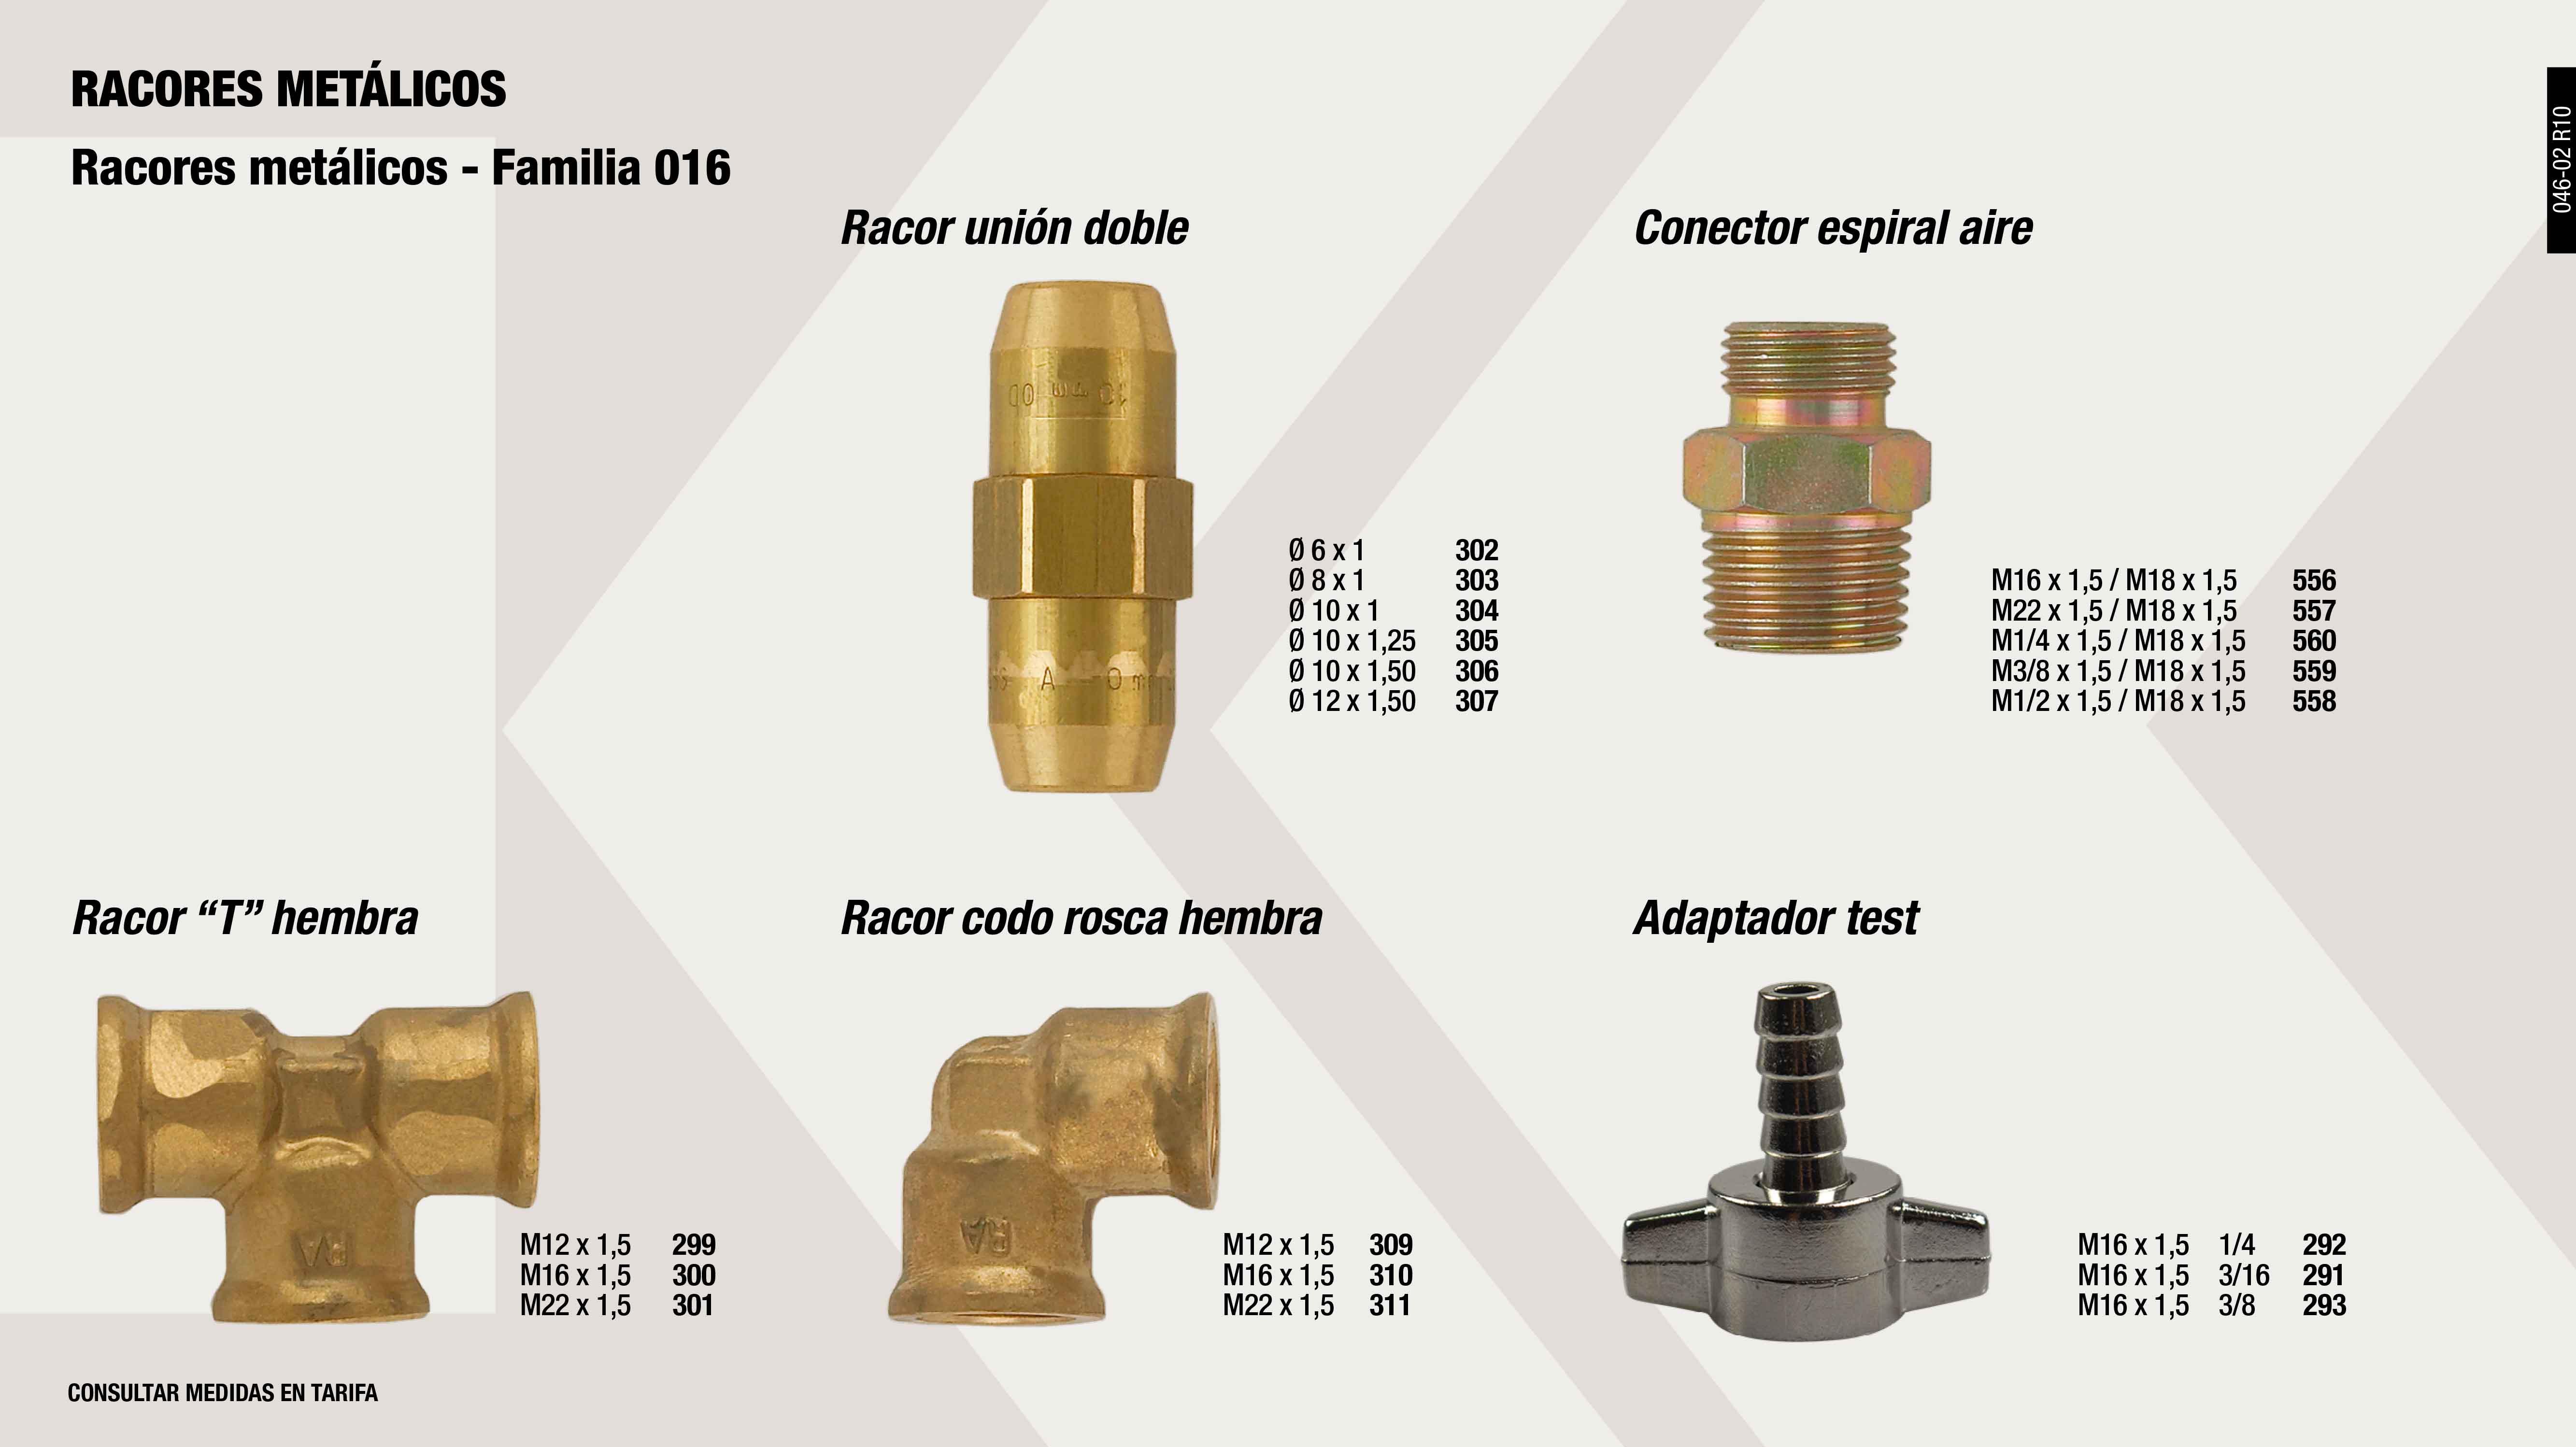 ADAPTADOR TEST M16X1,5-3/16                                 ,  ADAPTADOR TEST M16X1,5-1/4                                  ,  ADAPTADOR TEST M16X1,5-3/8                                  ,  RACOR UNION DOBLE 8X1                                       ,  RACOR T ROSCA HEMBRA M12X150                                ,  RACOR UNION DOBLE 10X150                                    ,  CONECTOR ESPIRAL AIRE M16X1,5-M18X1,5                       ,  CONECTOR ESPIRAL AIRE 1/4 X 18 X1,5                         ,  ADAPTADOR RACOR M10X1.0                                     ,  RACOR UNION DOBLE 12X150                                    ,  RACOR 90º M16 P5                                            ,  RACOR METALICO ACODADO M6X1                                 ,  CONECTOR ESPIRAL AIRE 1/2 X 18X1,5                          ,  ADAPTADOR RACOR M22X1.5                                     ,  RACOR METALICO ACODADO M10X150                              ,  RACOR T ROSCA HEMBRA M22X150                                ,  RACOR UNION DOBLE 10X1                                      ,  RACOR CODO ROSCA HEMBRA M16X150                             ,  CONECTOR ESPIRAL AIRE 3/8 X 18 X 1,5                        ,  RACOR T ROSCA HEMBRA M16X150                                ,  RACOR UNION DOBLE 10X125                                    ,  RACOR METALICO ACODADO T.8(P5)                              ,  CONECTOR ESPIRAL AIRE M22X1,5-M18X1,5                       ,  RACOR METALICO ACODADO M10X125                              ,  ADAPTADOR RACOR M12X1.5                                     ,  ADAPTADOR RACOR M16X1.5                                     ,  RACOR METALICO ACODADO M12X150                              ,  RACOR UNION DOBLE 6X1                                       ,  RACOR CODO ROSCA HEMBRA M12X150                             ,  RACOR CODO ROSCA HEMBRA M22X150                             ,